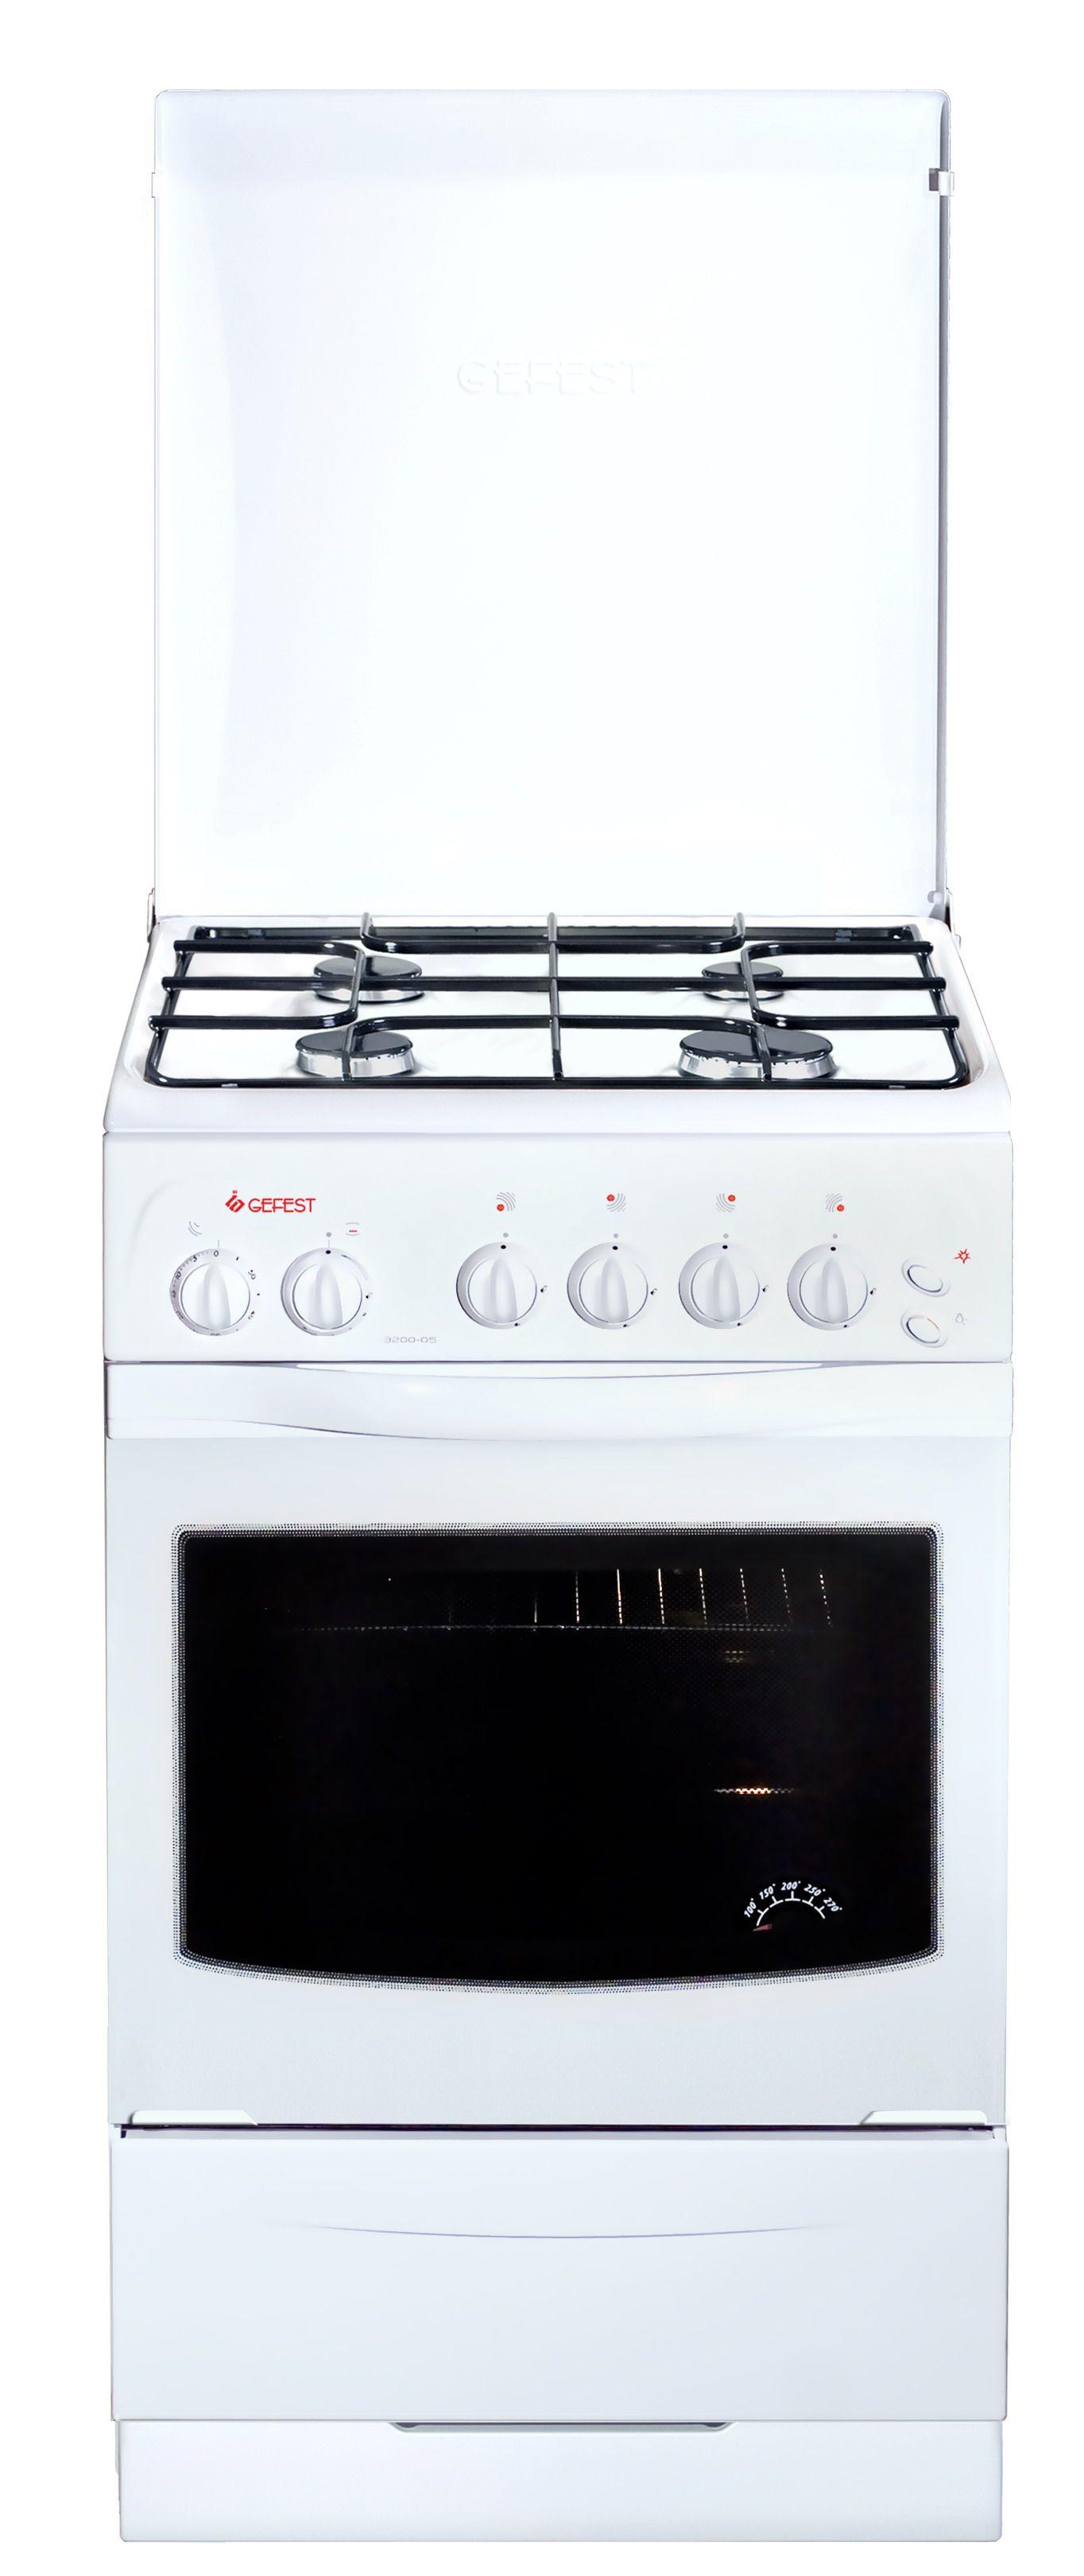 Газовая плита Gefest 3200-05Газовые плиты<br><br><br>Бренд: GEFEST<br>Гарантия производителя: да<br>Вес упаковки (кг): 45,5